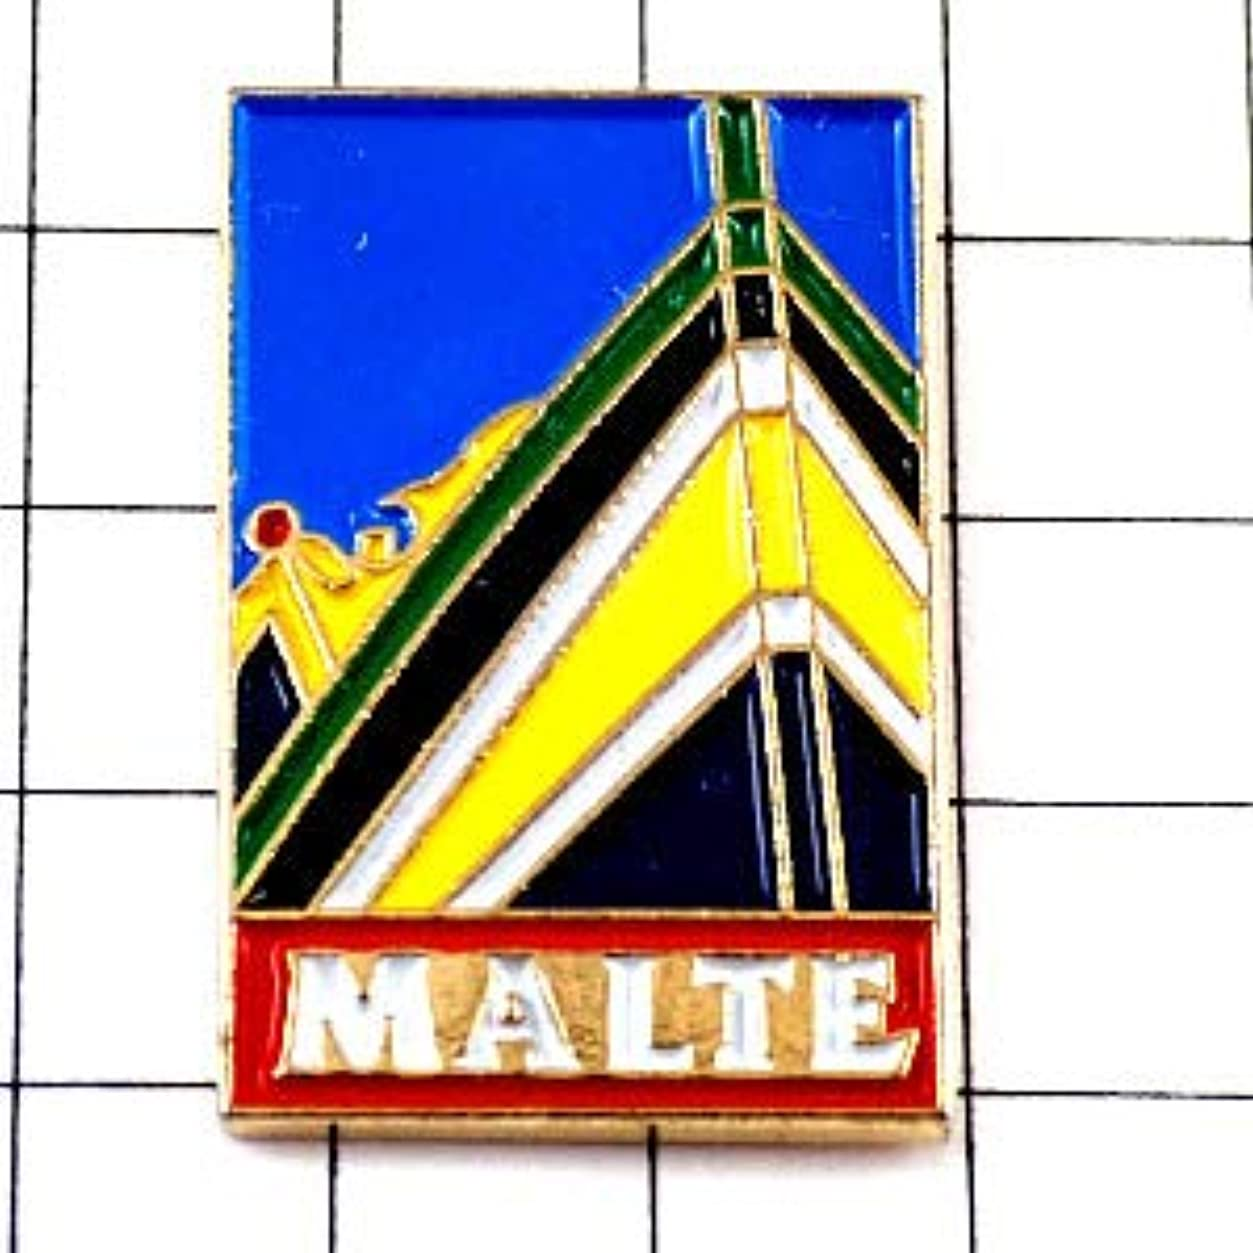 意味のあるバラ色ブロンズ限定 レア ピンバッジ マルタ島の船 ピンズ フランス 289972